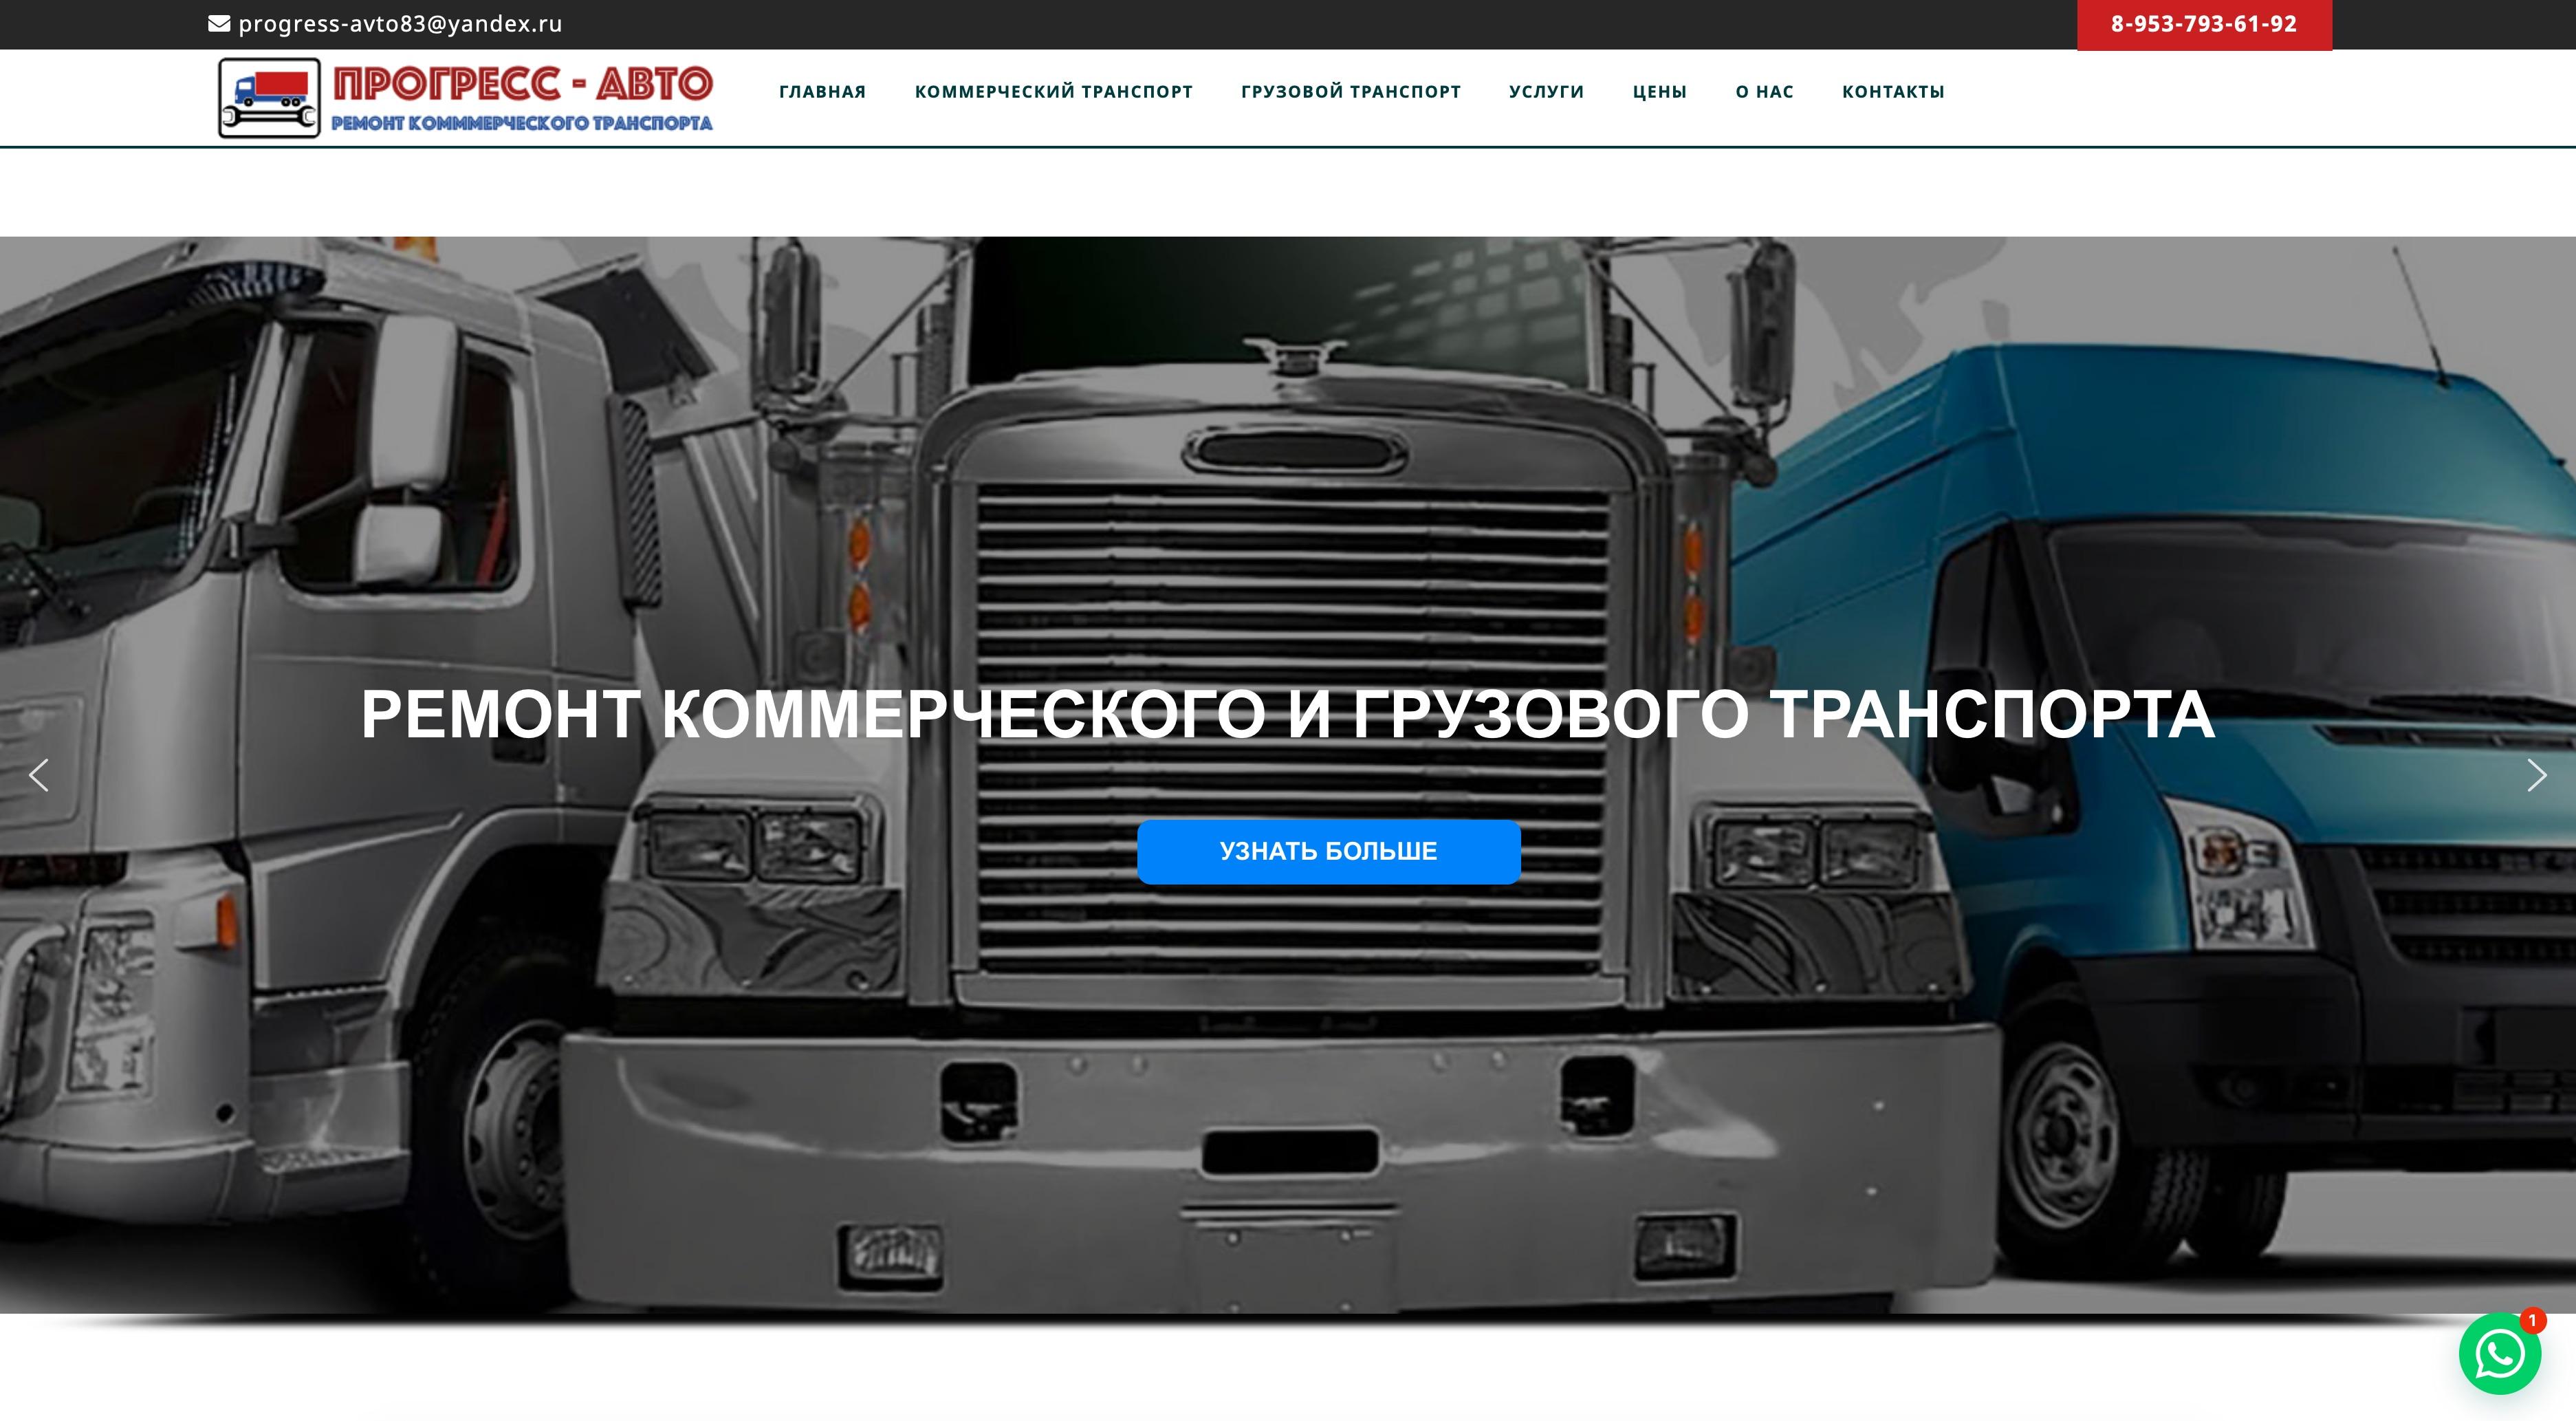 сделали простой одностраничник - Сайт для СТО коммерческого транспорта и грузовиков ПРОГРЕСС-АВТО